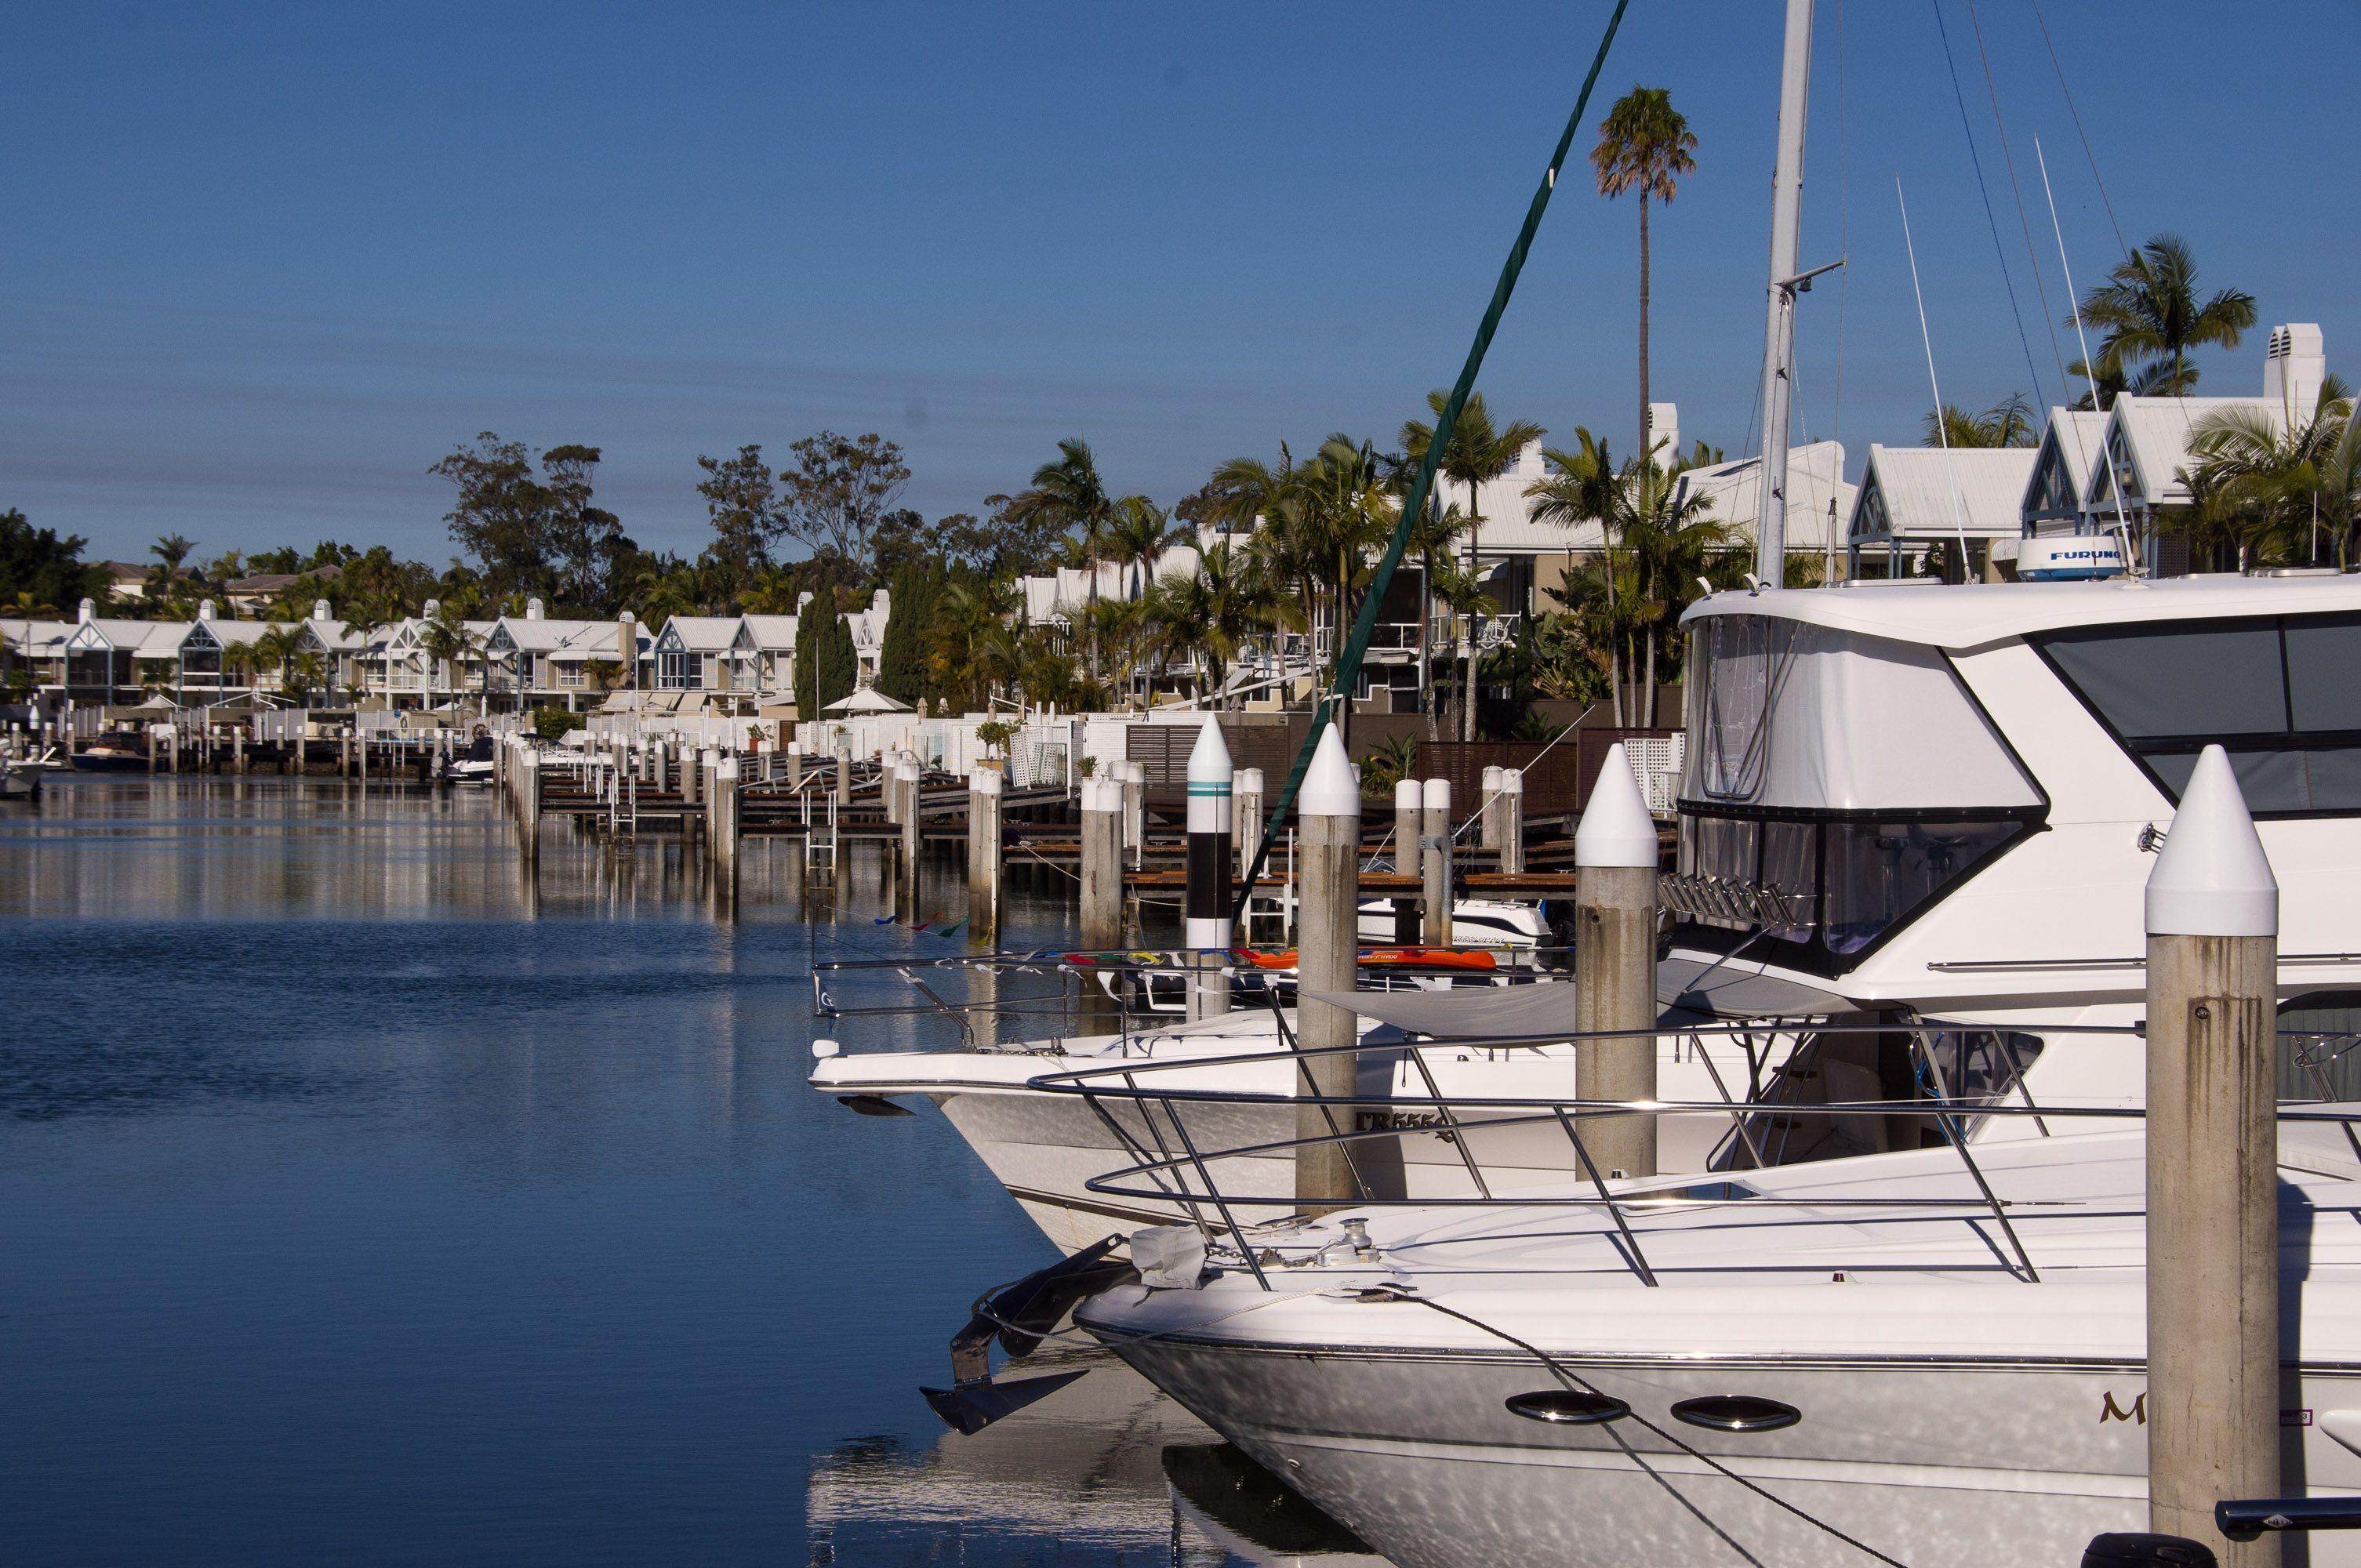 【海洋世界】黃金海岸悠旅行~遊艇、樂園、農莊、酒莊、異國料理7日